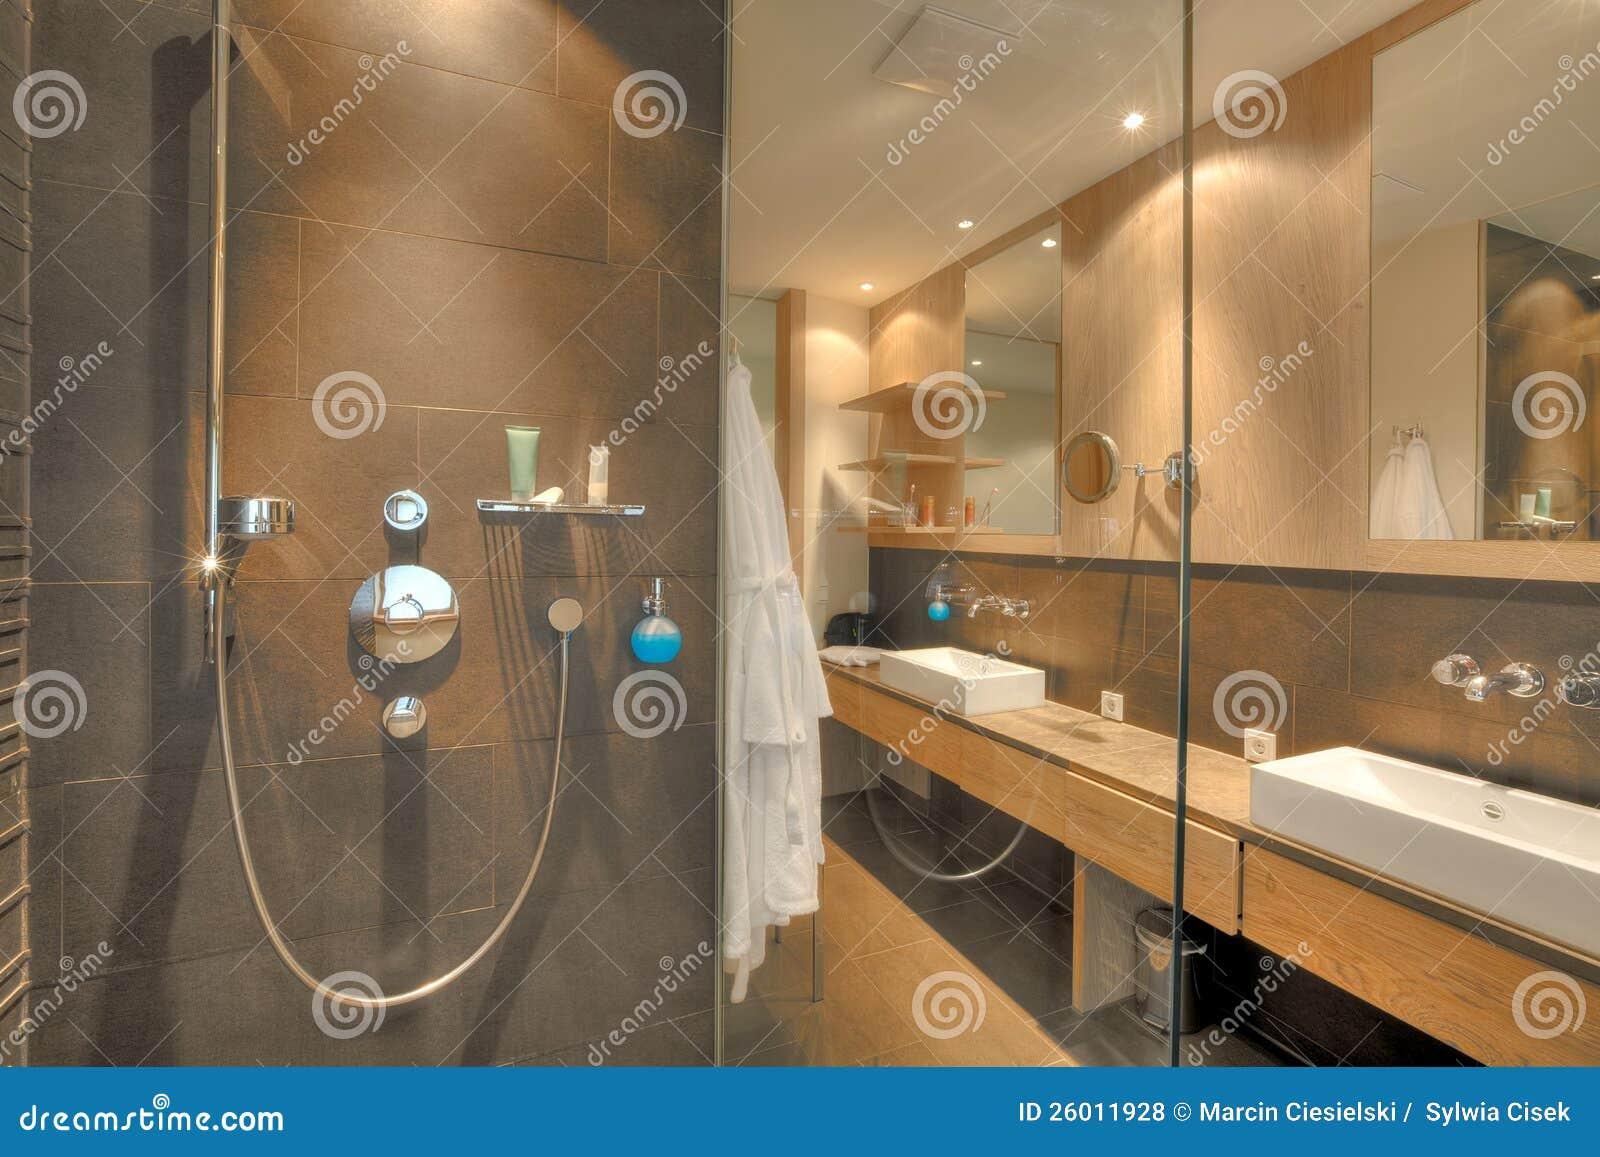 Mooie Badkamers Fotos : Douche in een mooie badkamers stock foto afbeelding bestaande uit